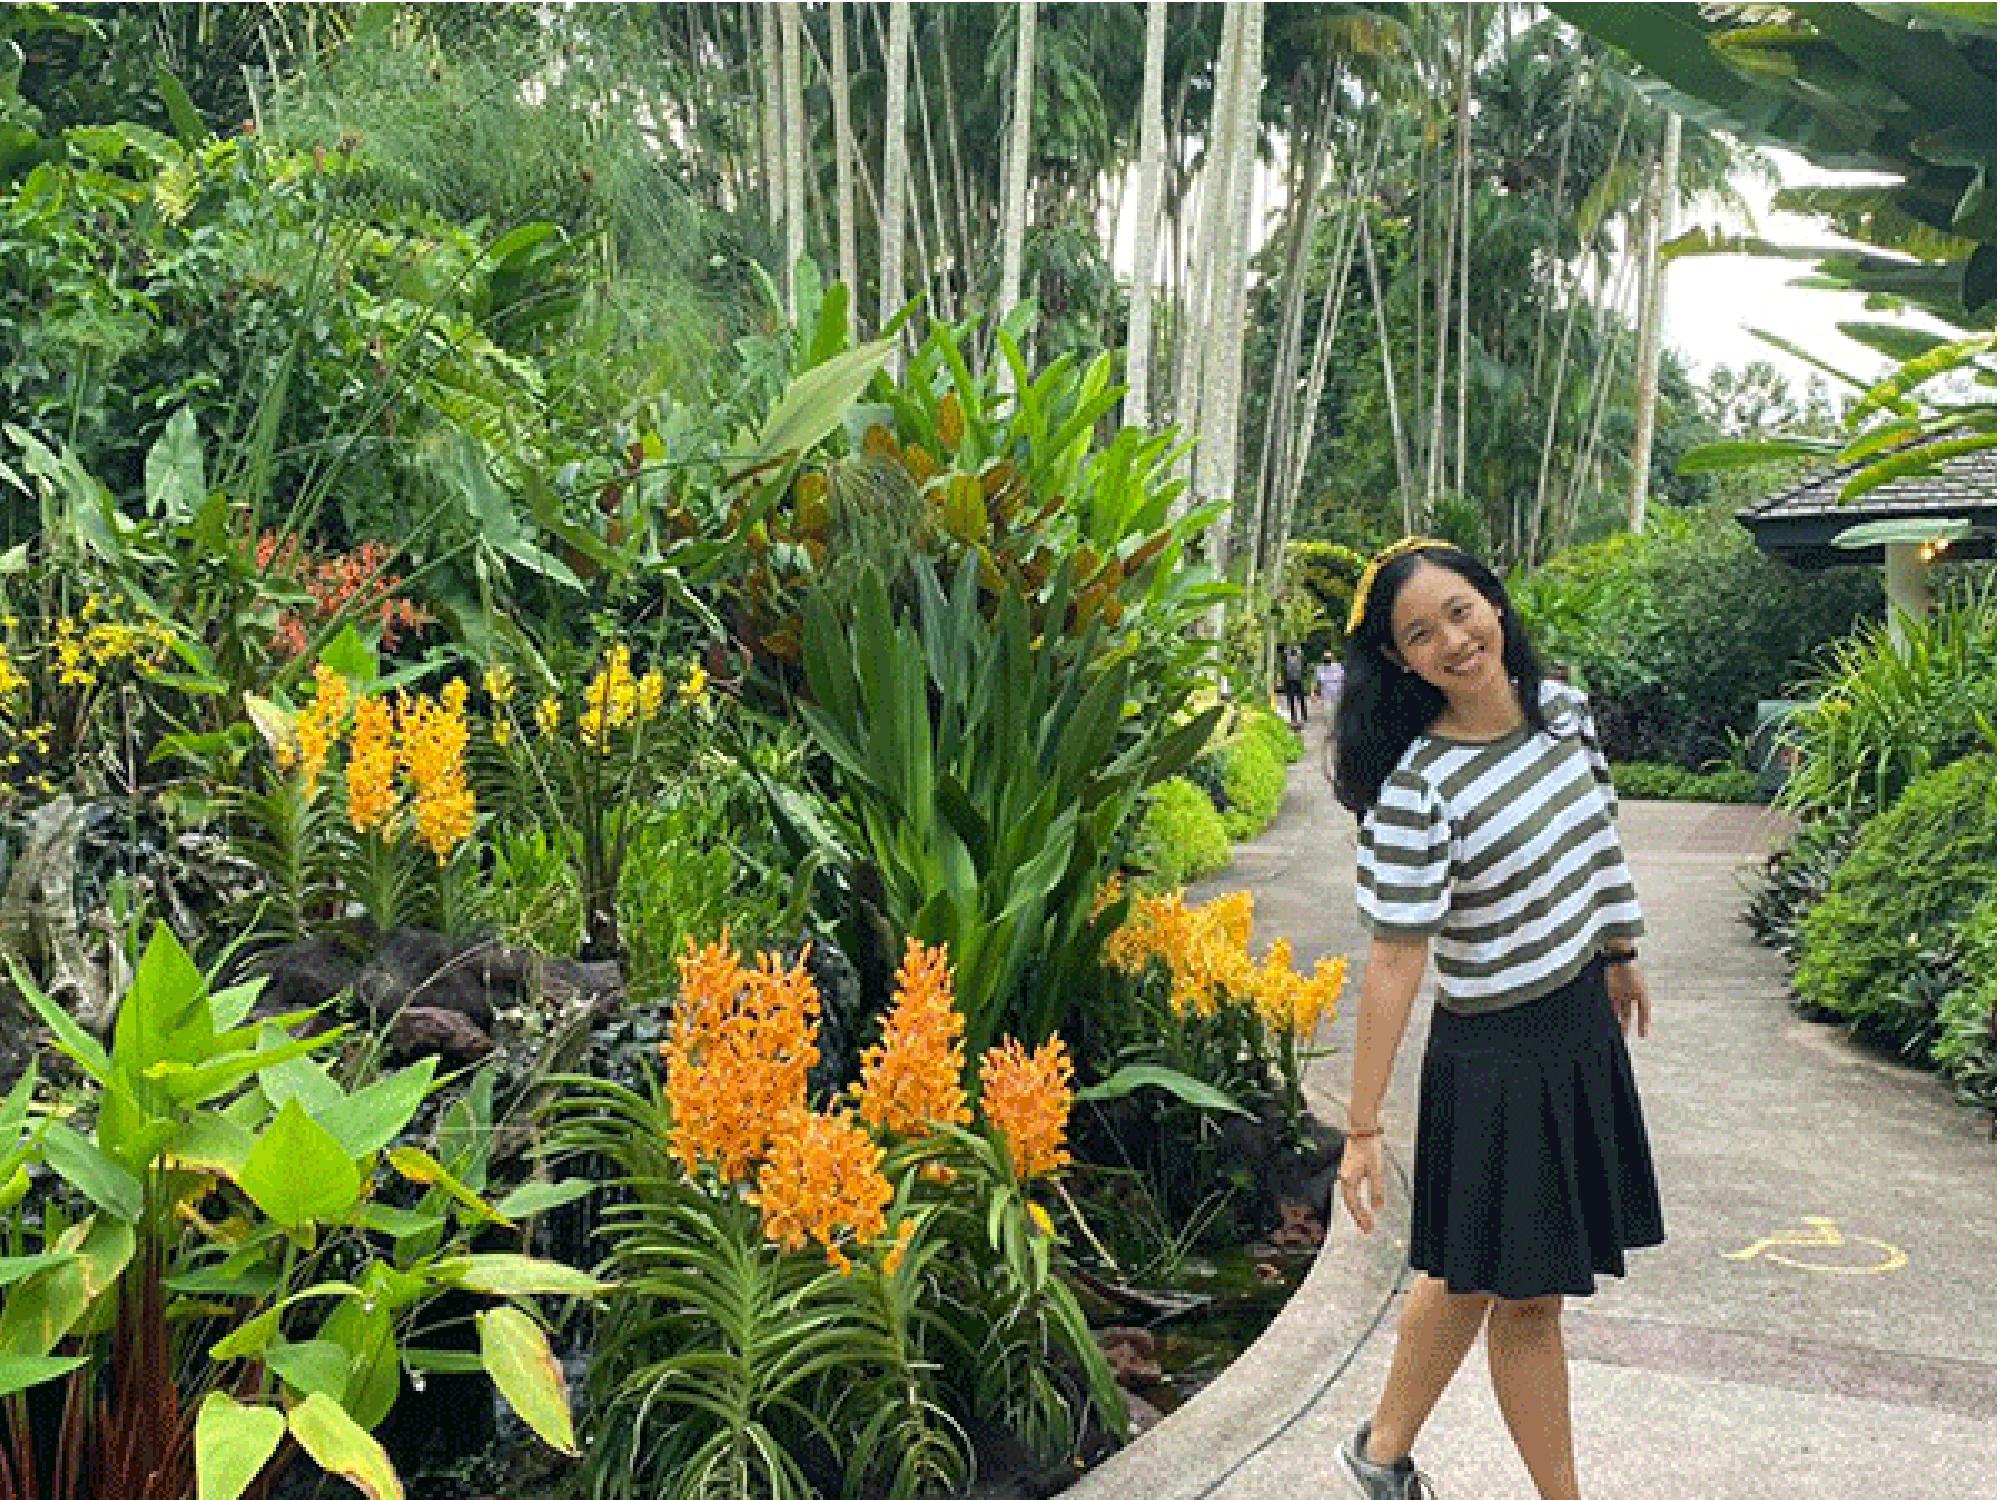 Huyen standing in a garden, smiling.